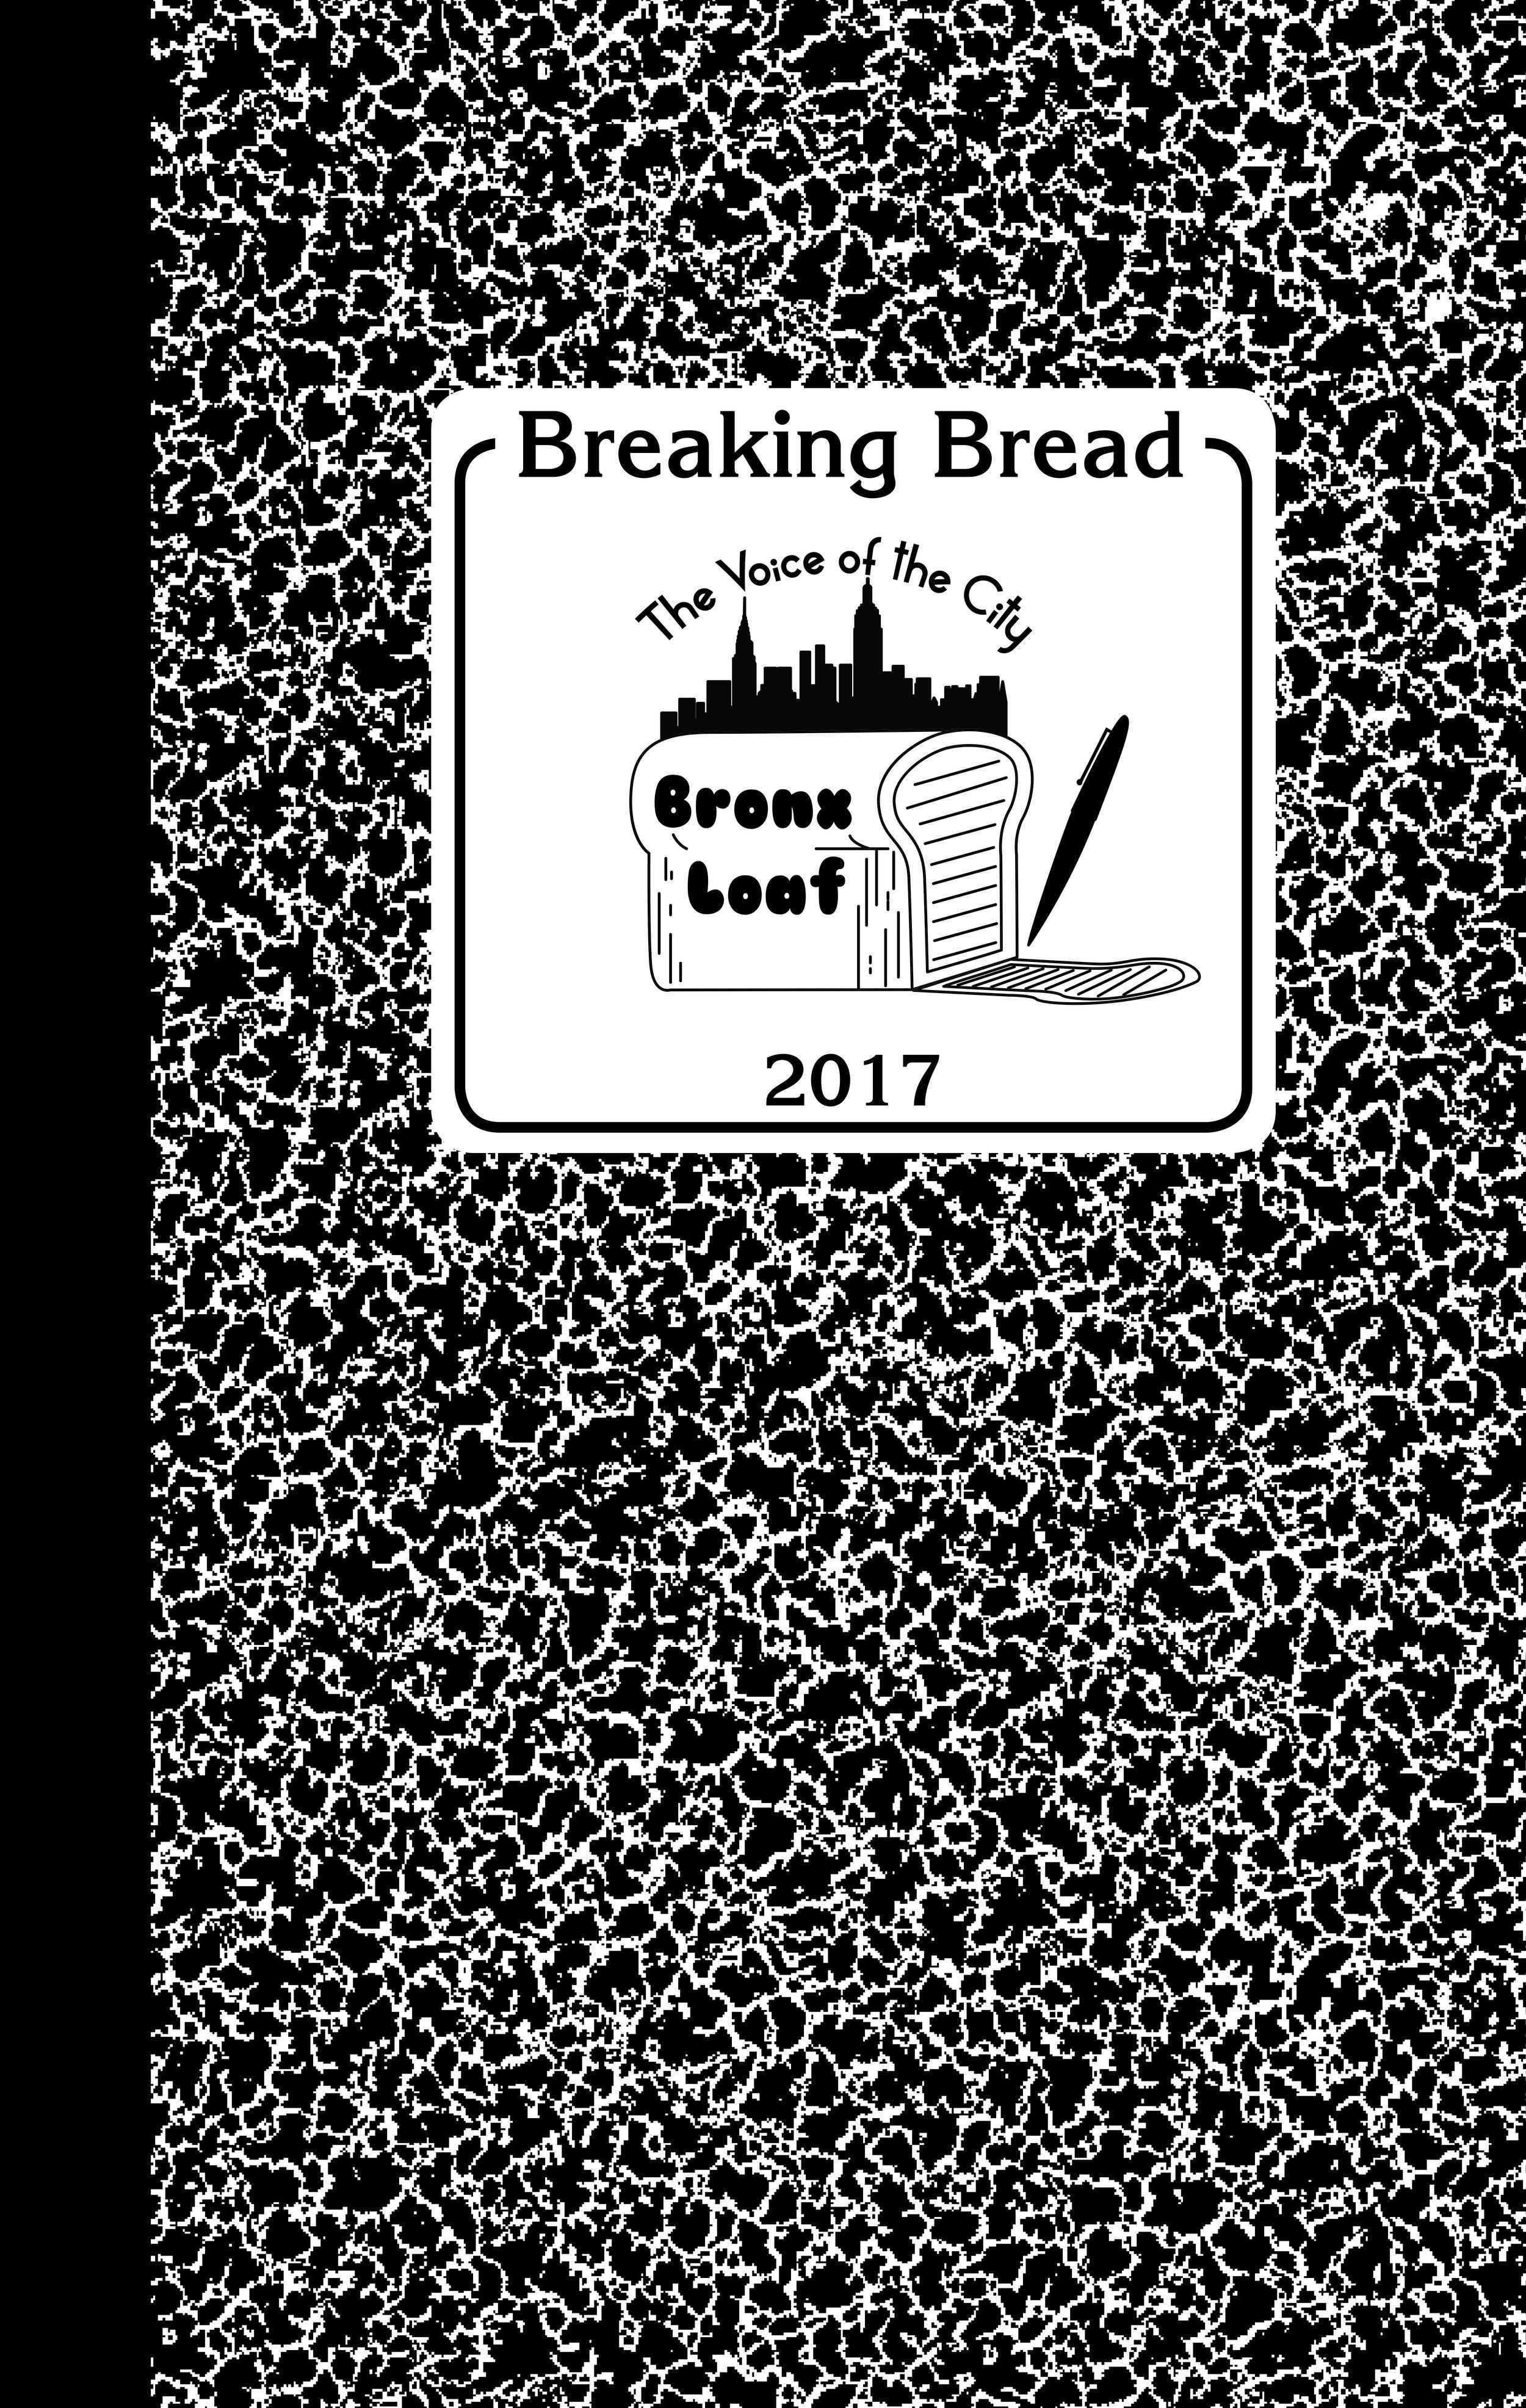 Breaking Bread: 2017